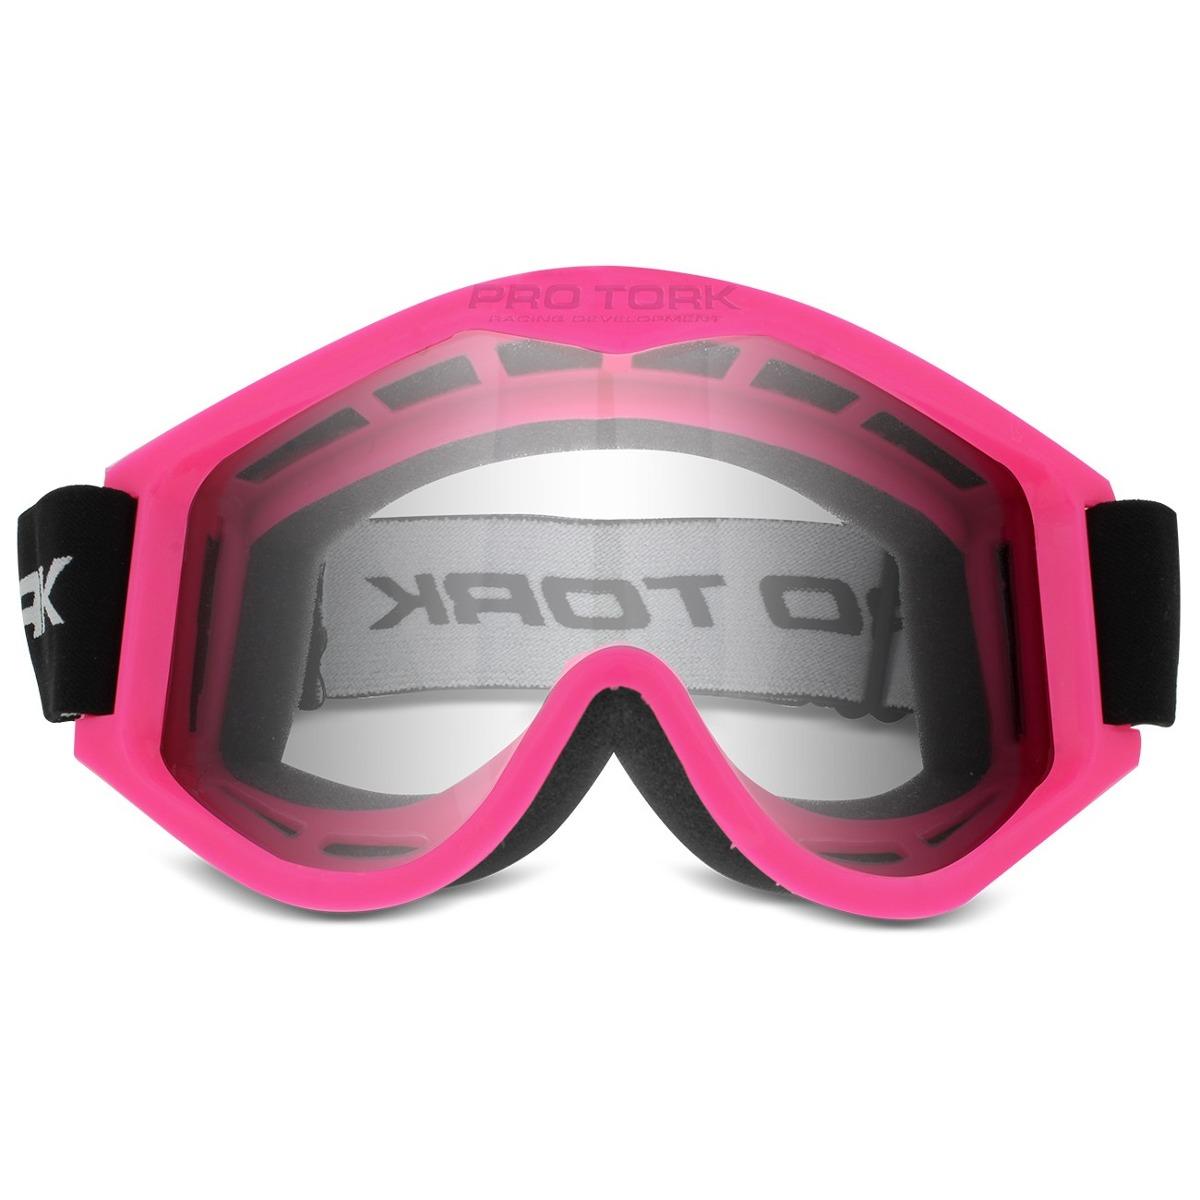 c95bc35ef4dec oculos motocross pro tork 788 trilha off road cross rosa. Carregando zoom.